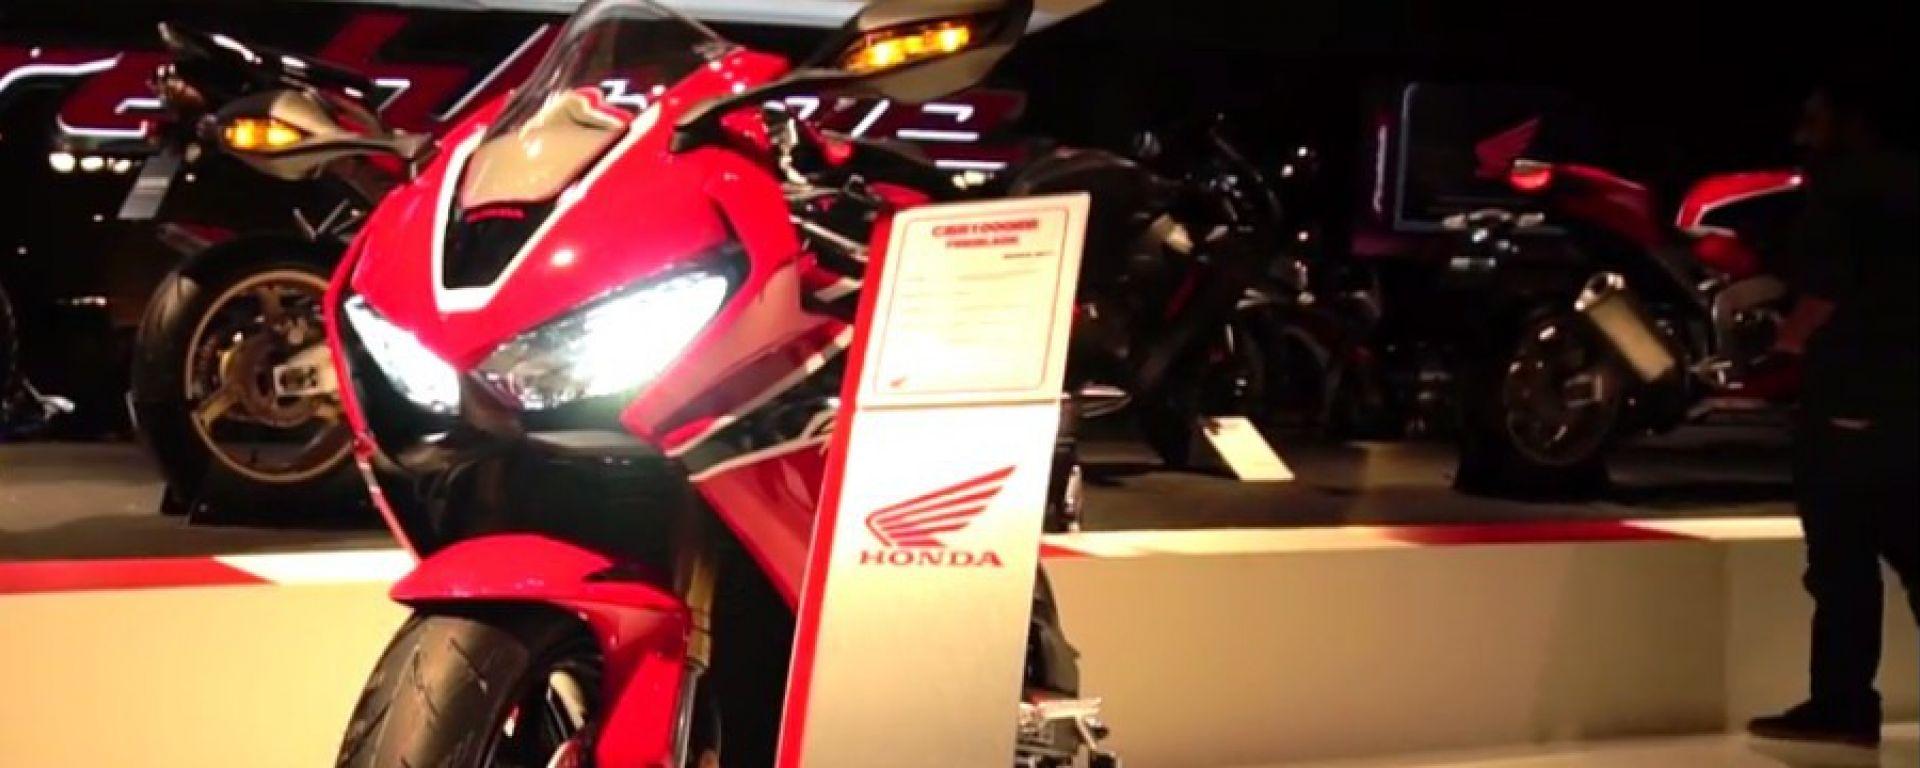 Live Eicma 2016: Honda CBR 1000 Fireblade in video